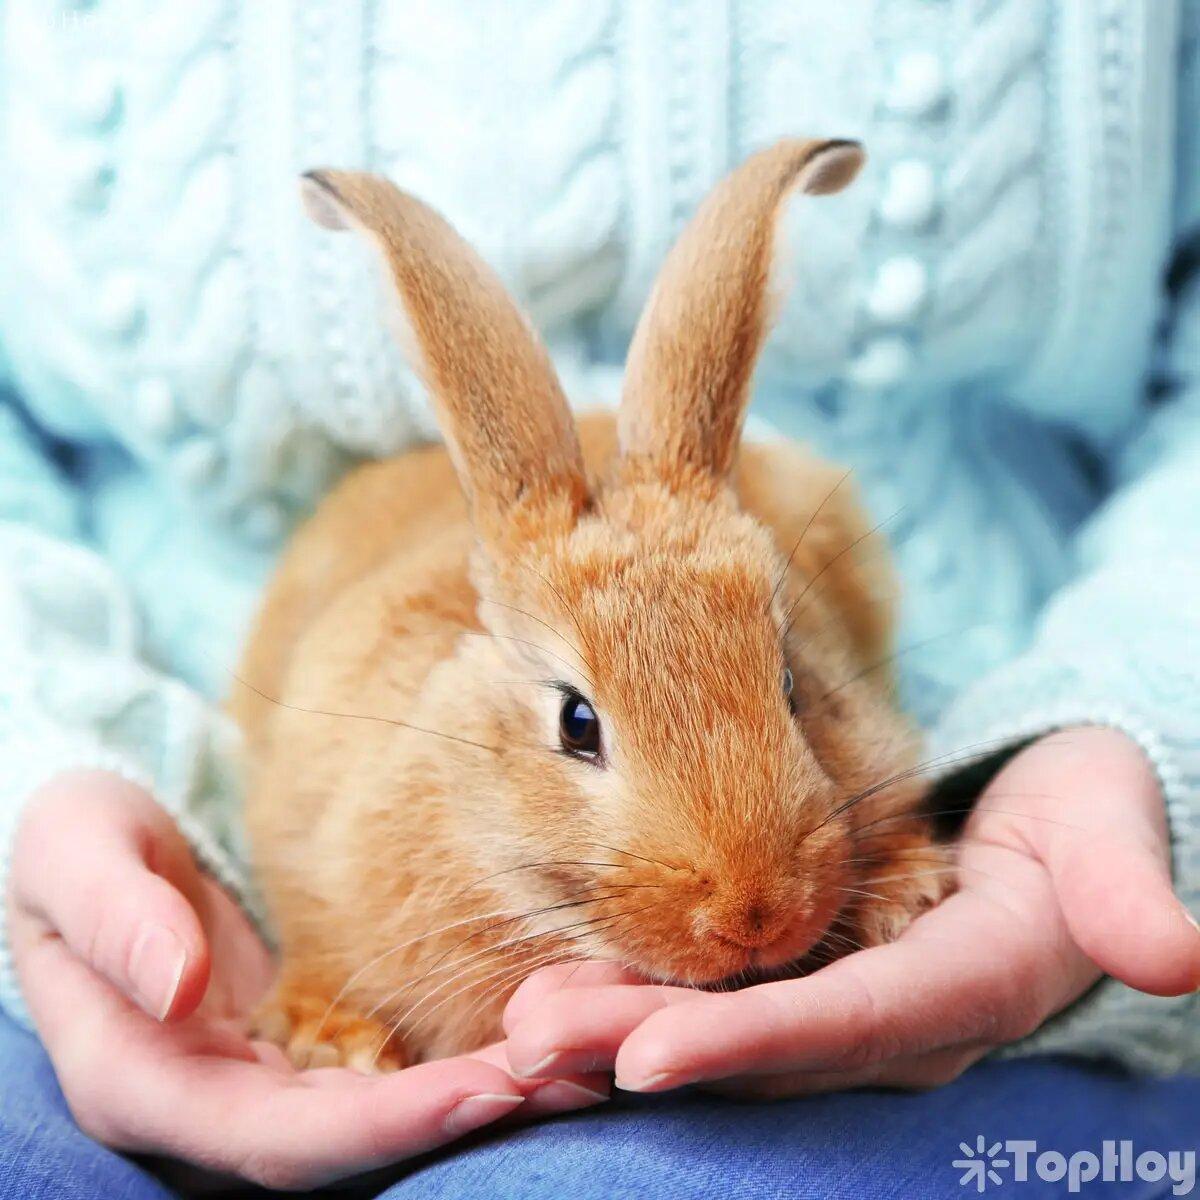 Los conejos nunca manifestarán si sienten dolor o si presentan heridas, por lo que sus dueños deben chequear sus cuerpos constantemente.